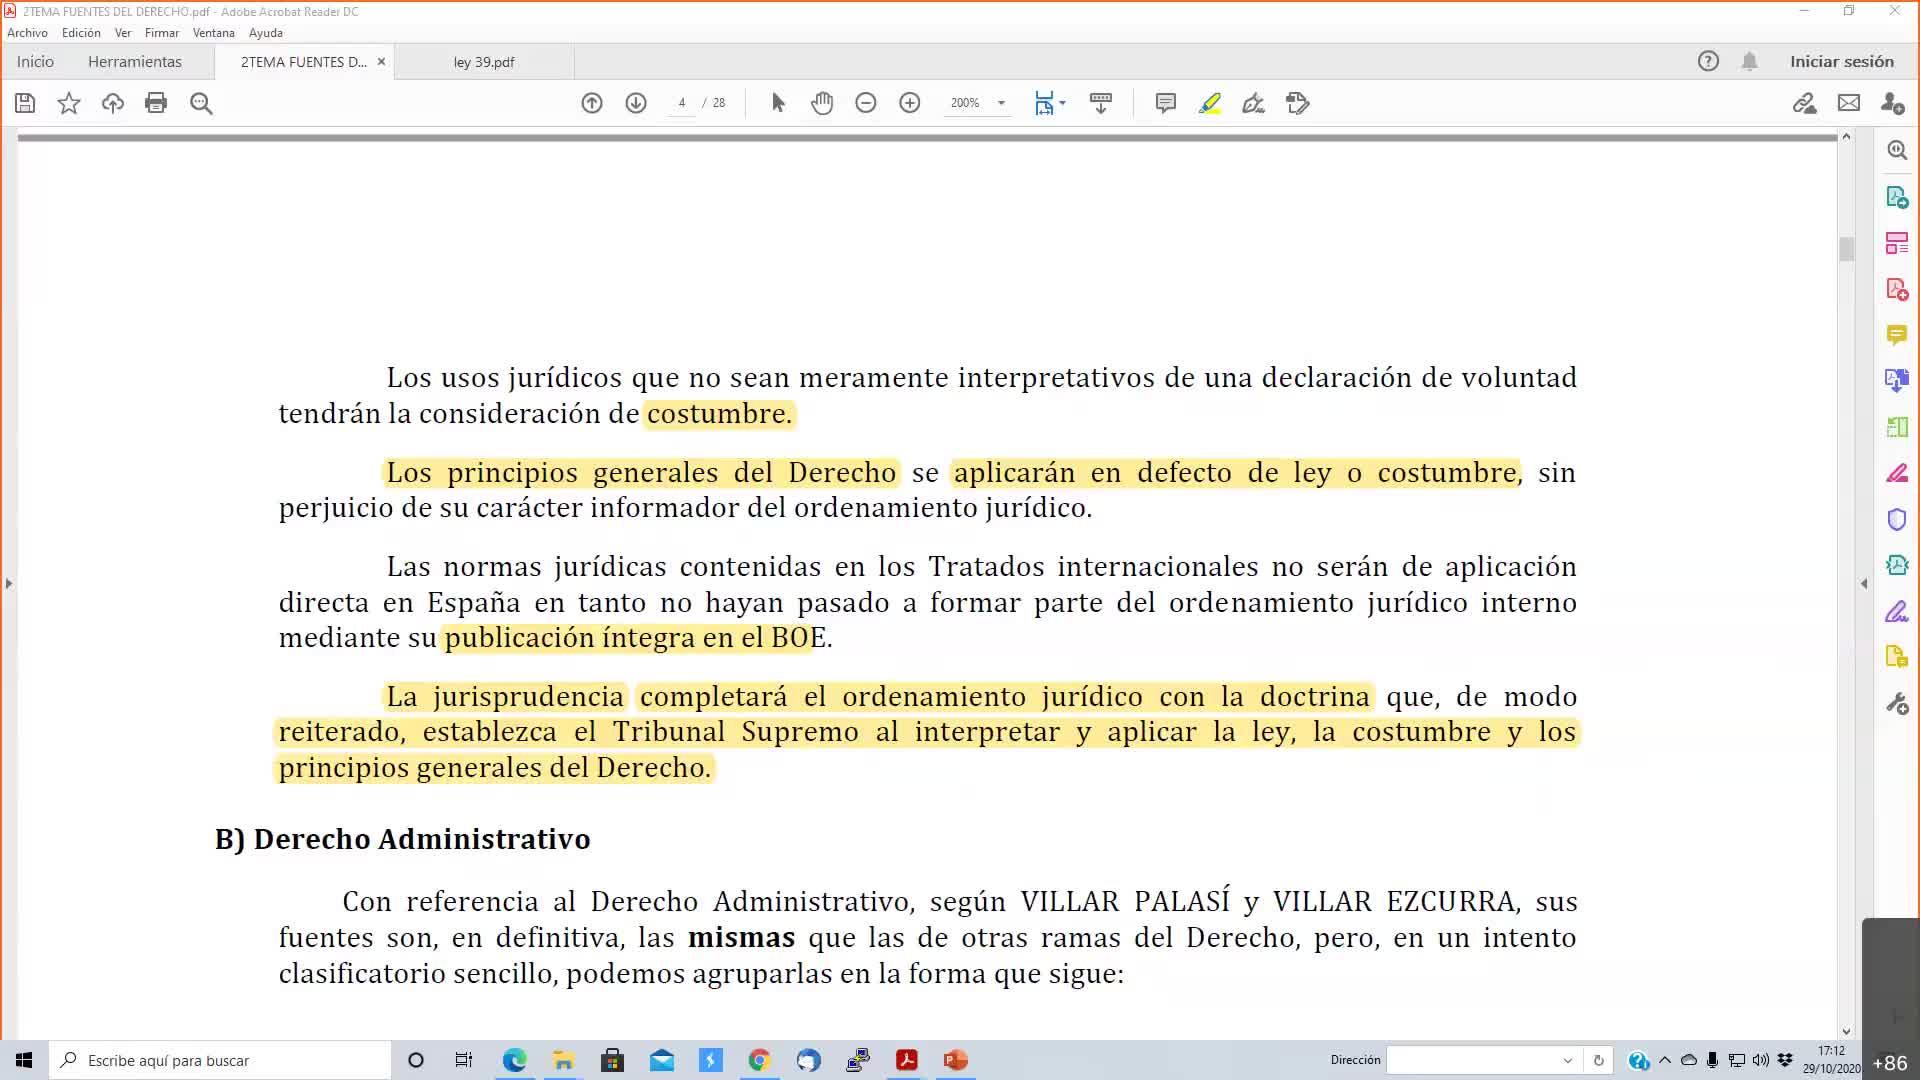 Fuentes del Derecho 29-10-2020